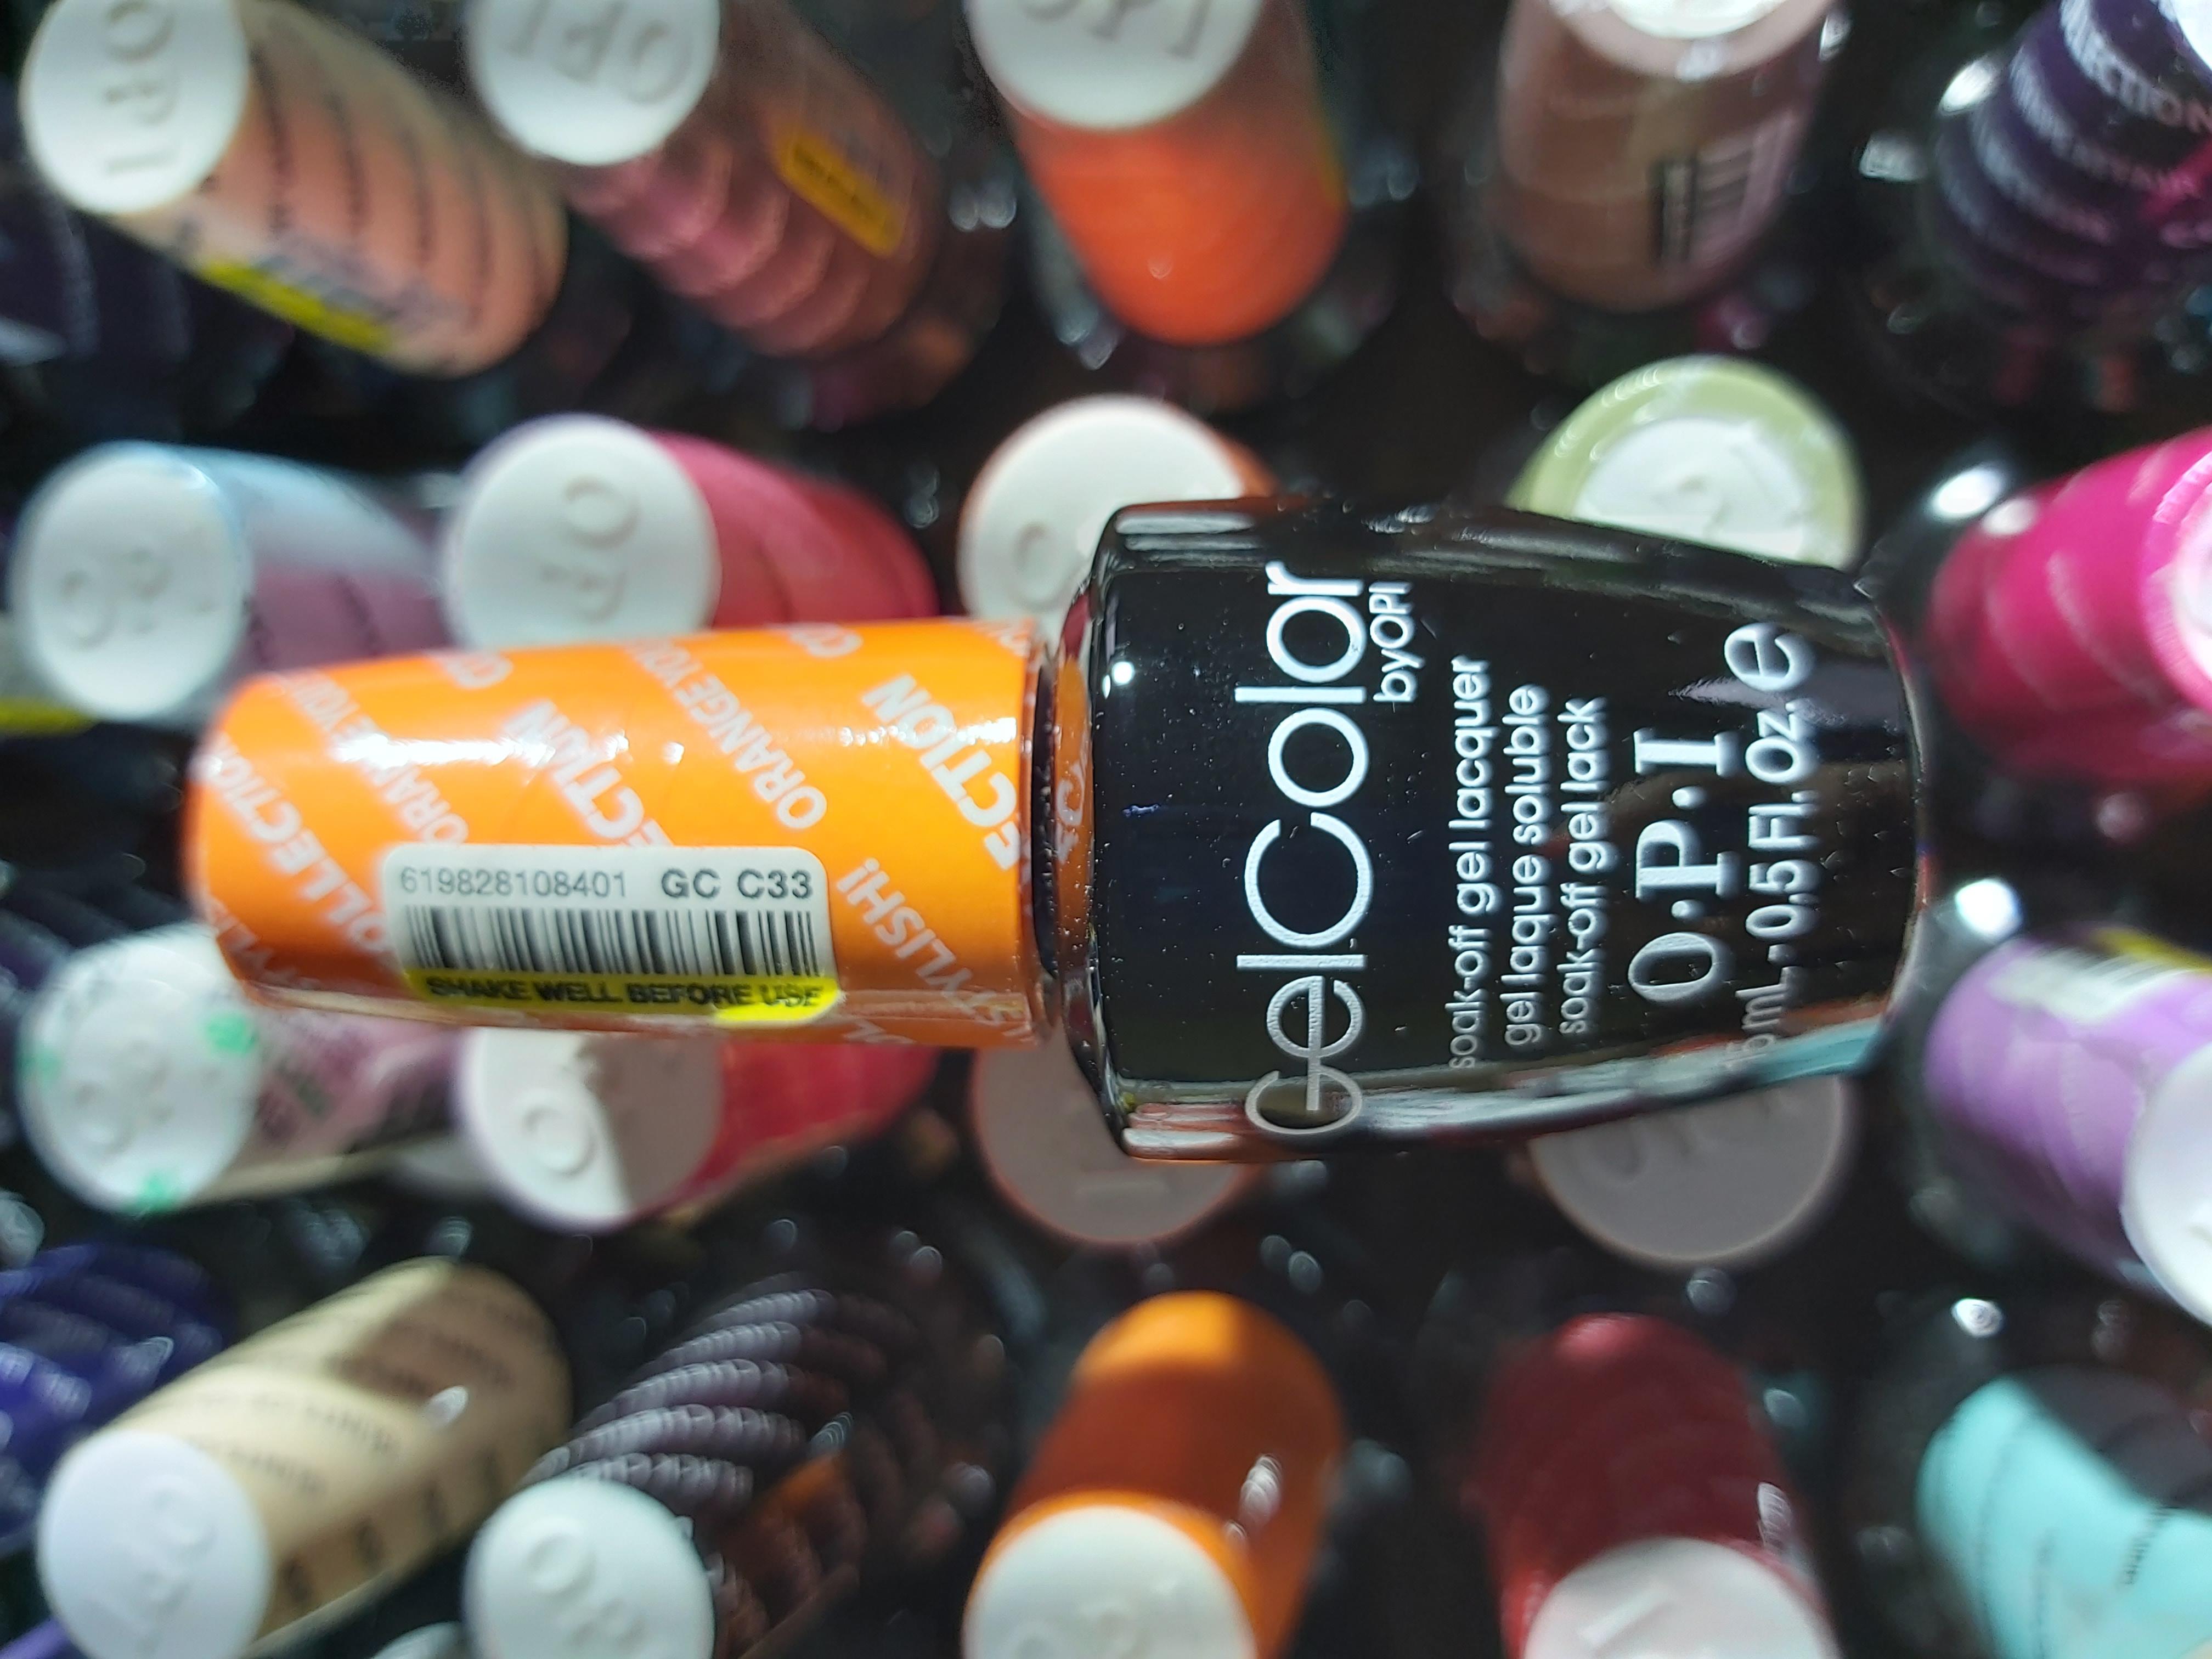 OPI Gel Color Soak-off Gel C33 ORANGE YOU STYLISH